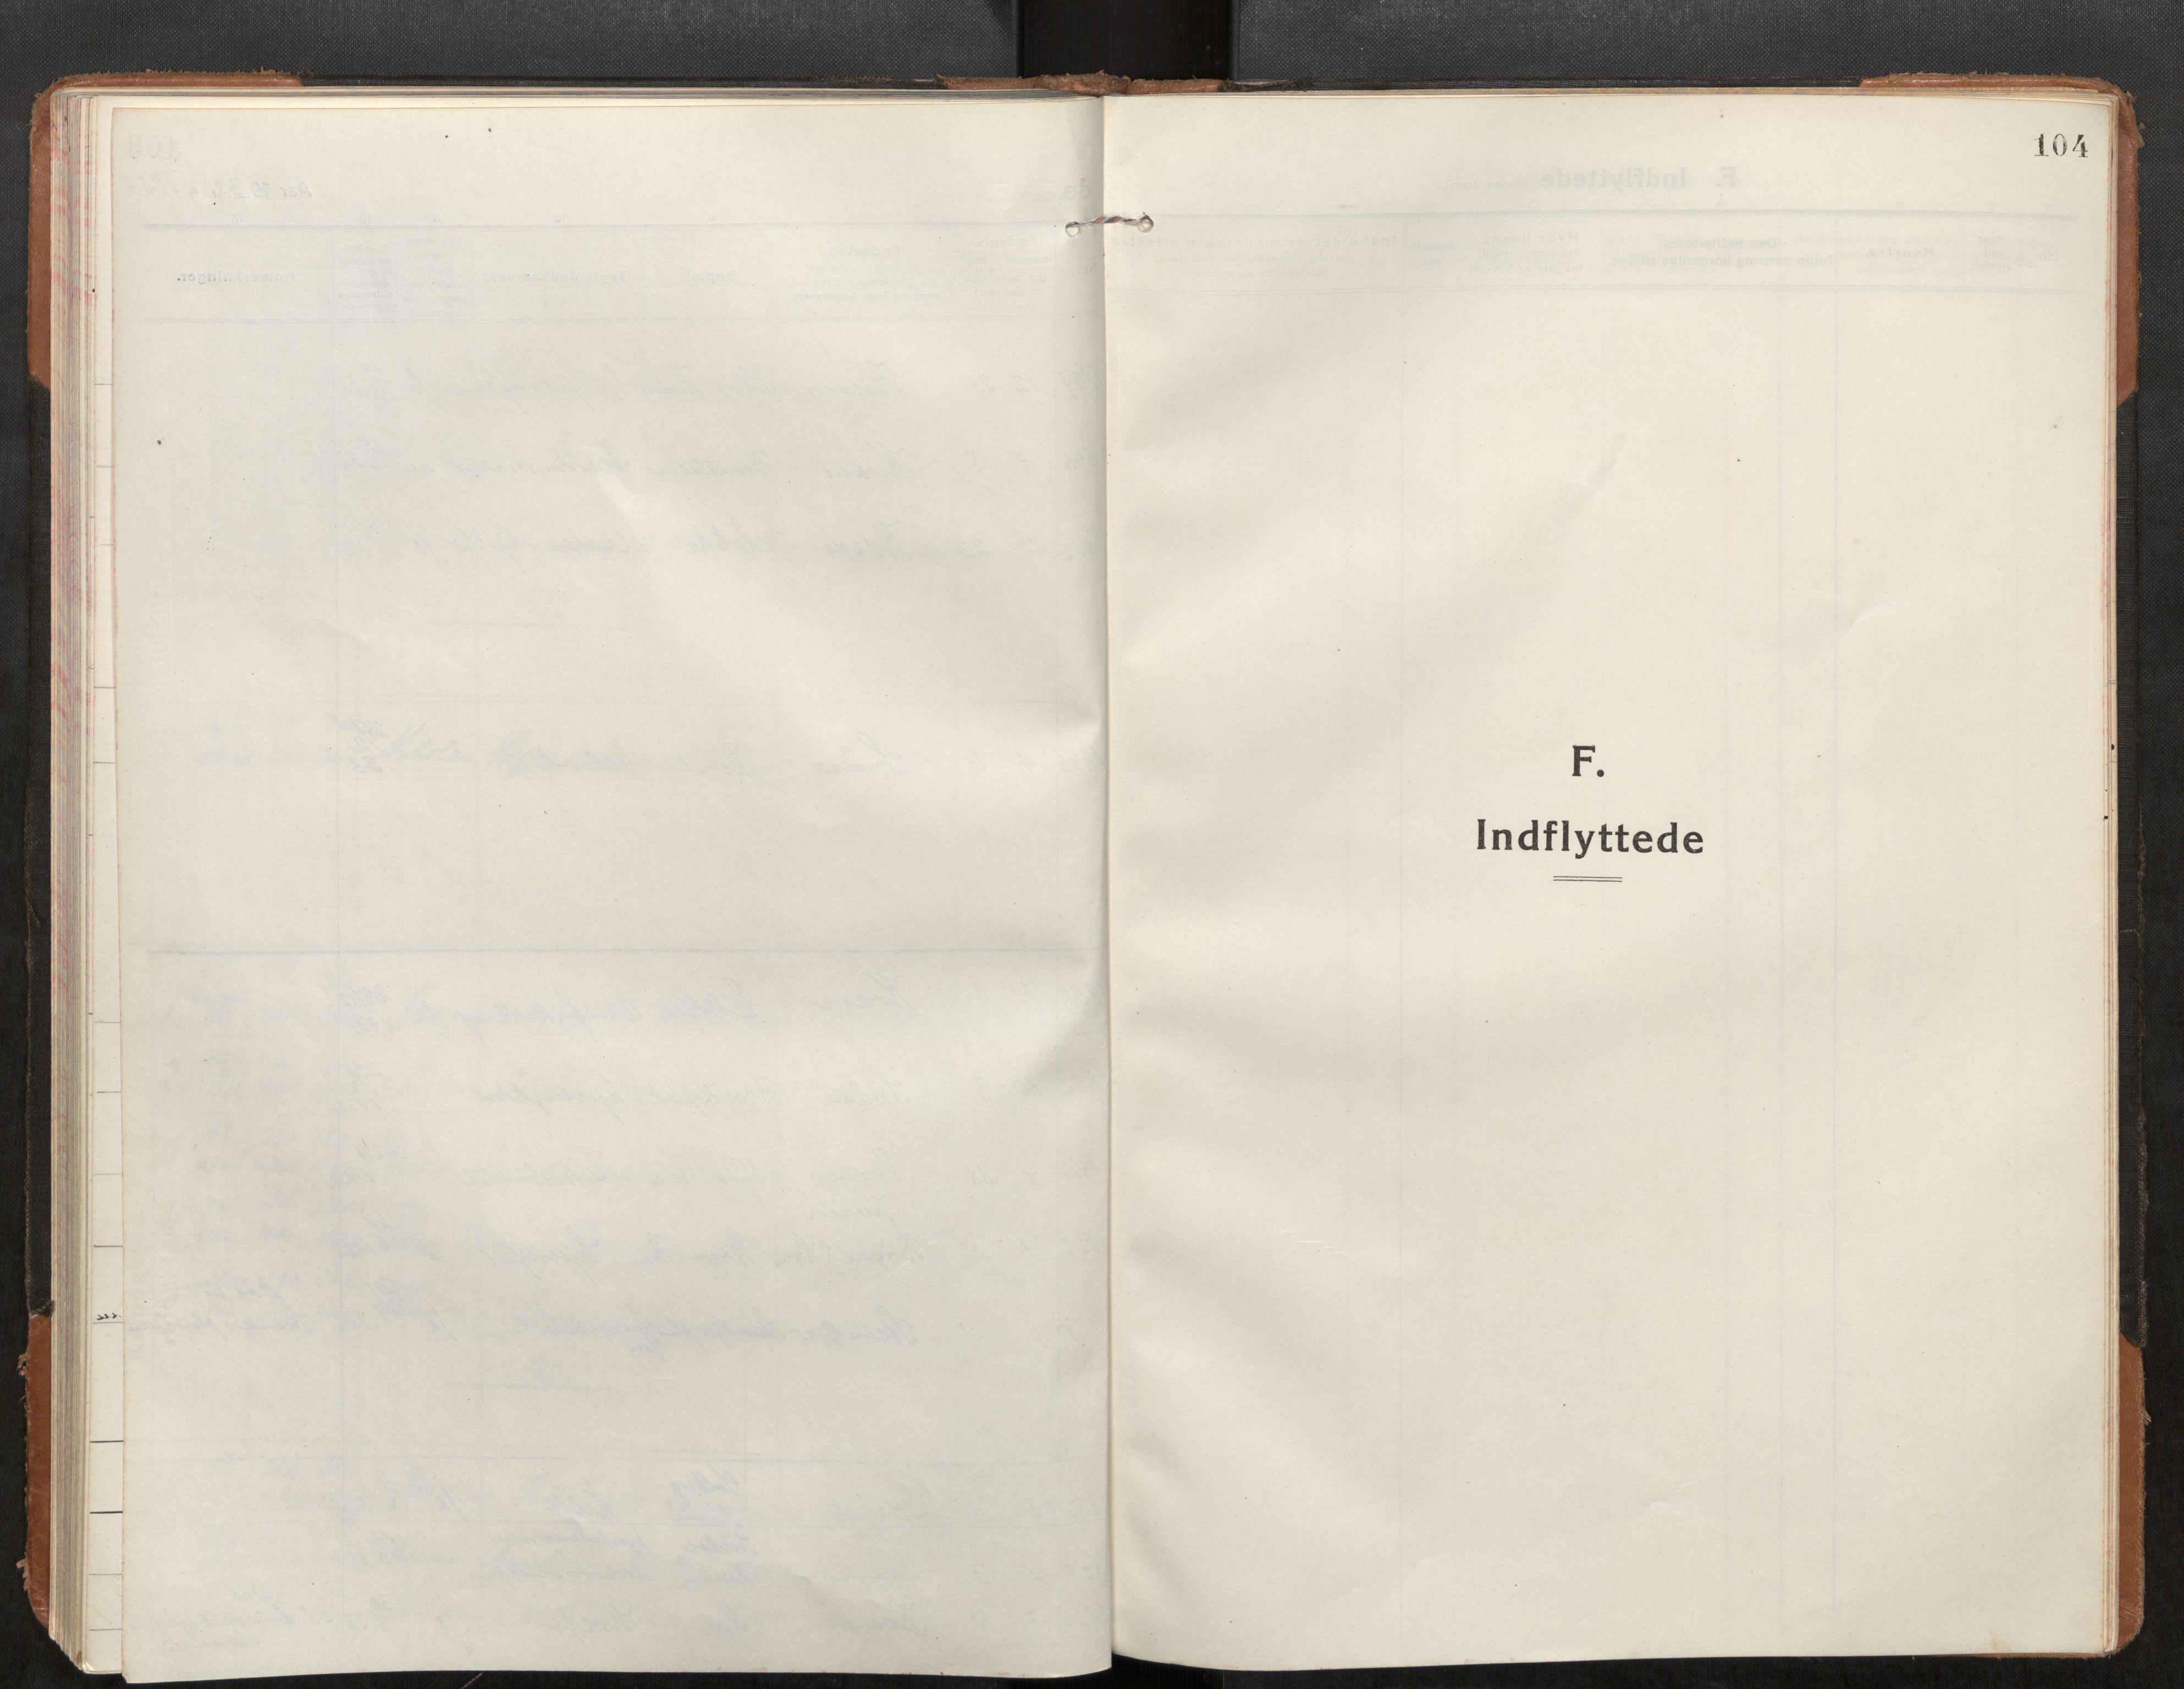 SAT, Stod sokneprestkontor, I/I1/I1a/L0004: Parish register (official) no. 4, 1913-1933, p. 104